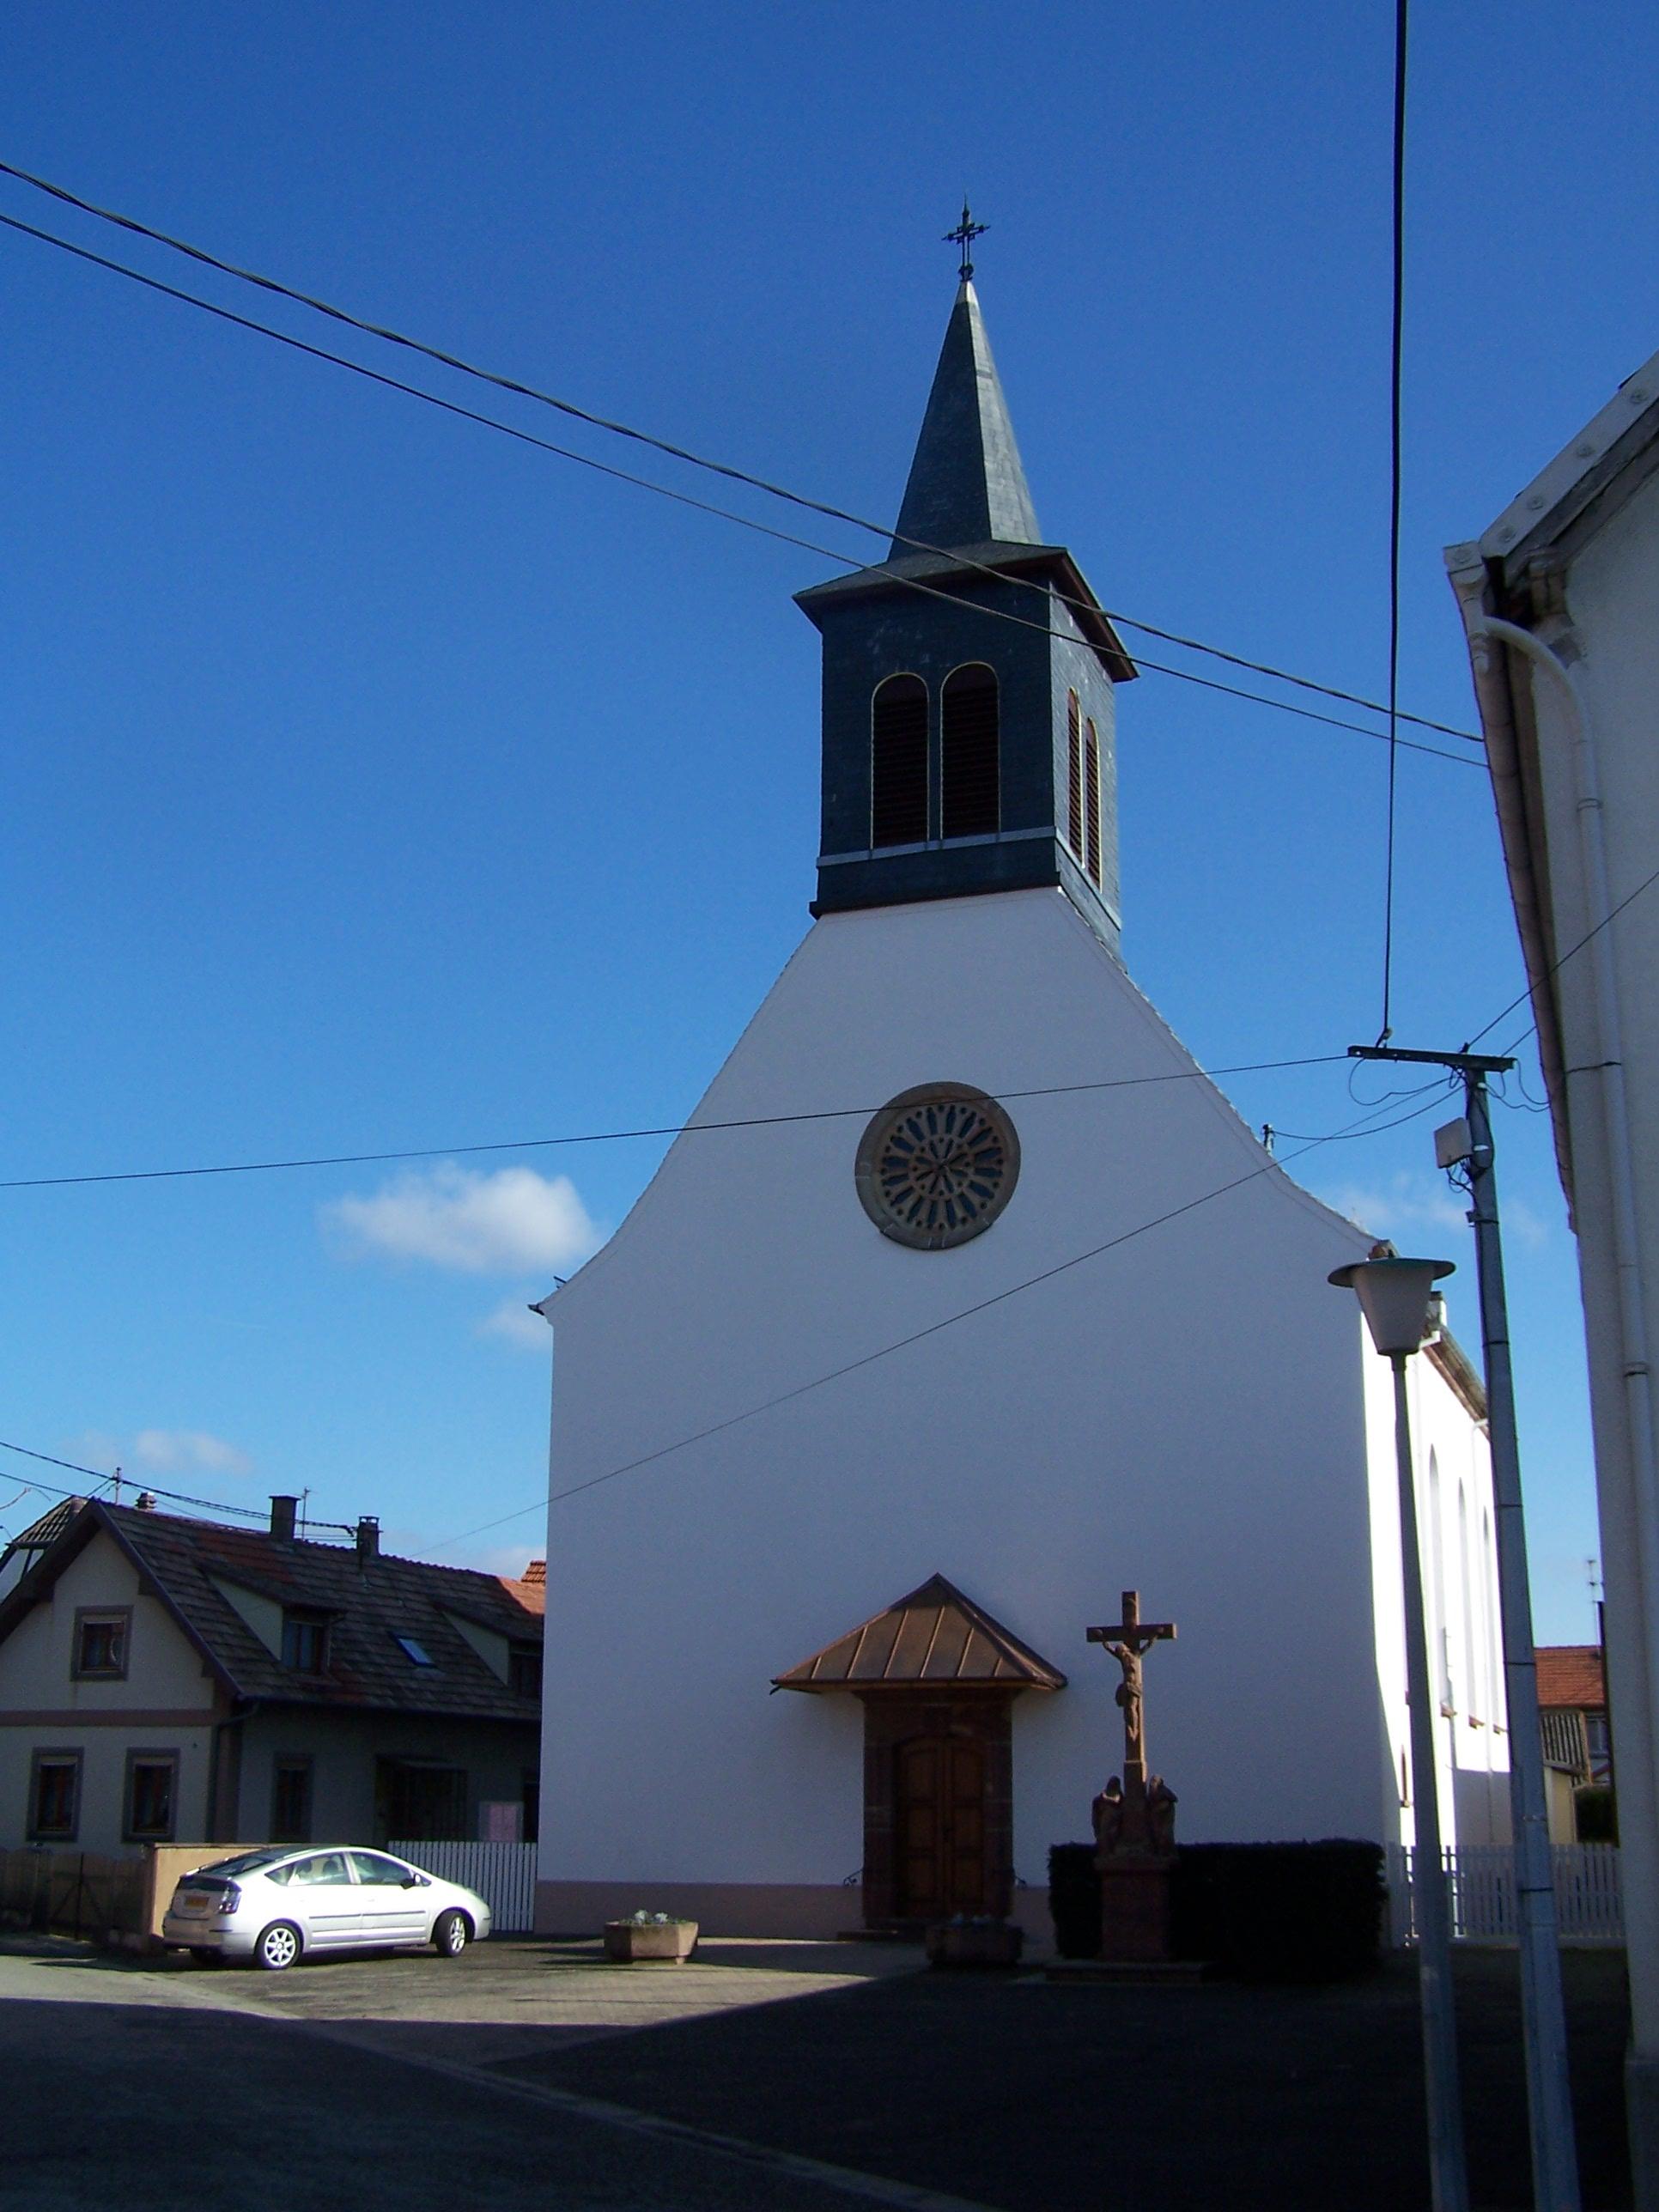 Eglise luthérienne / Hoerdt